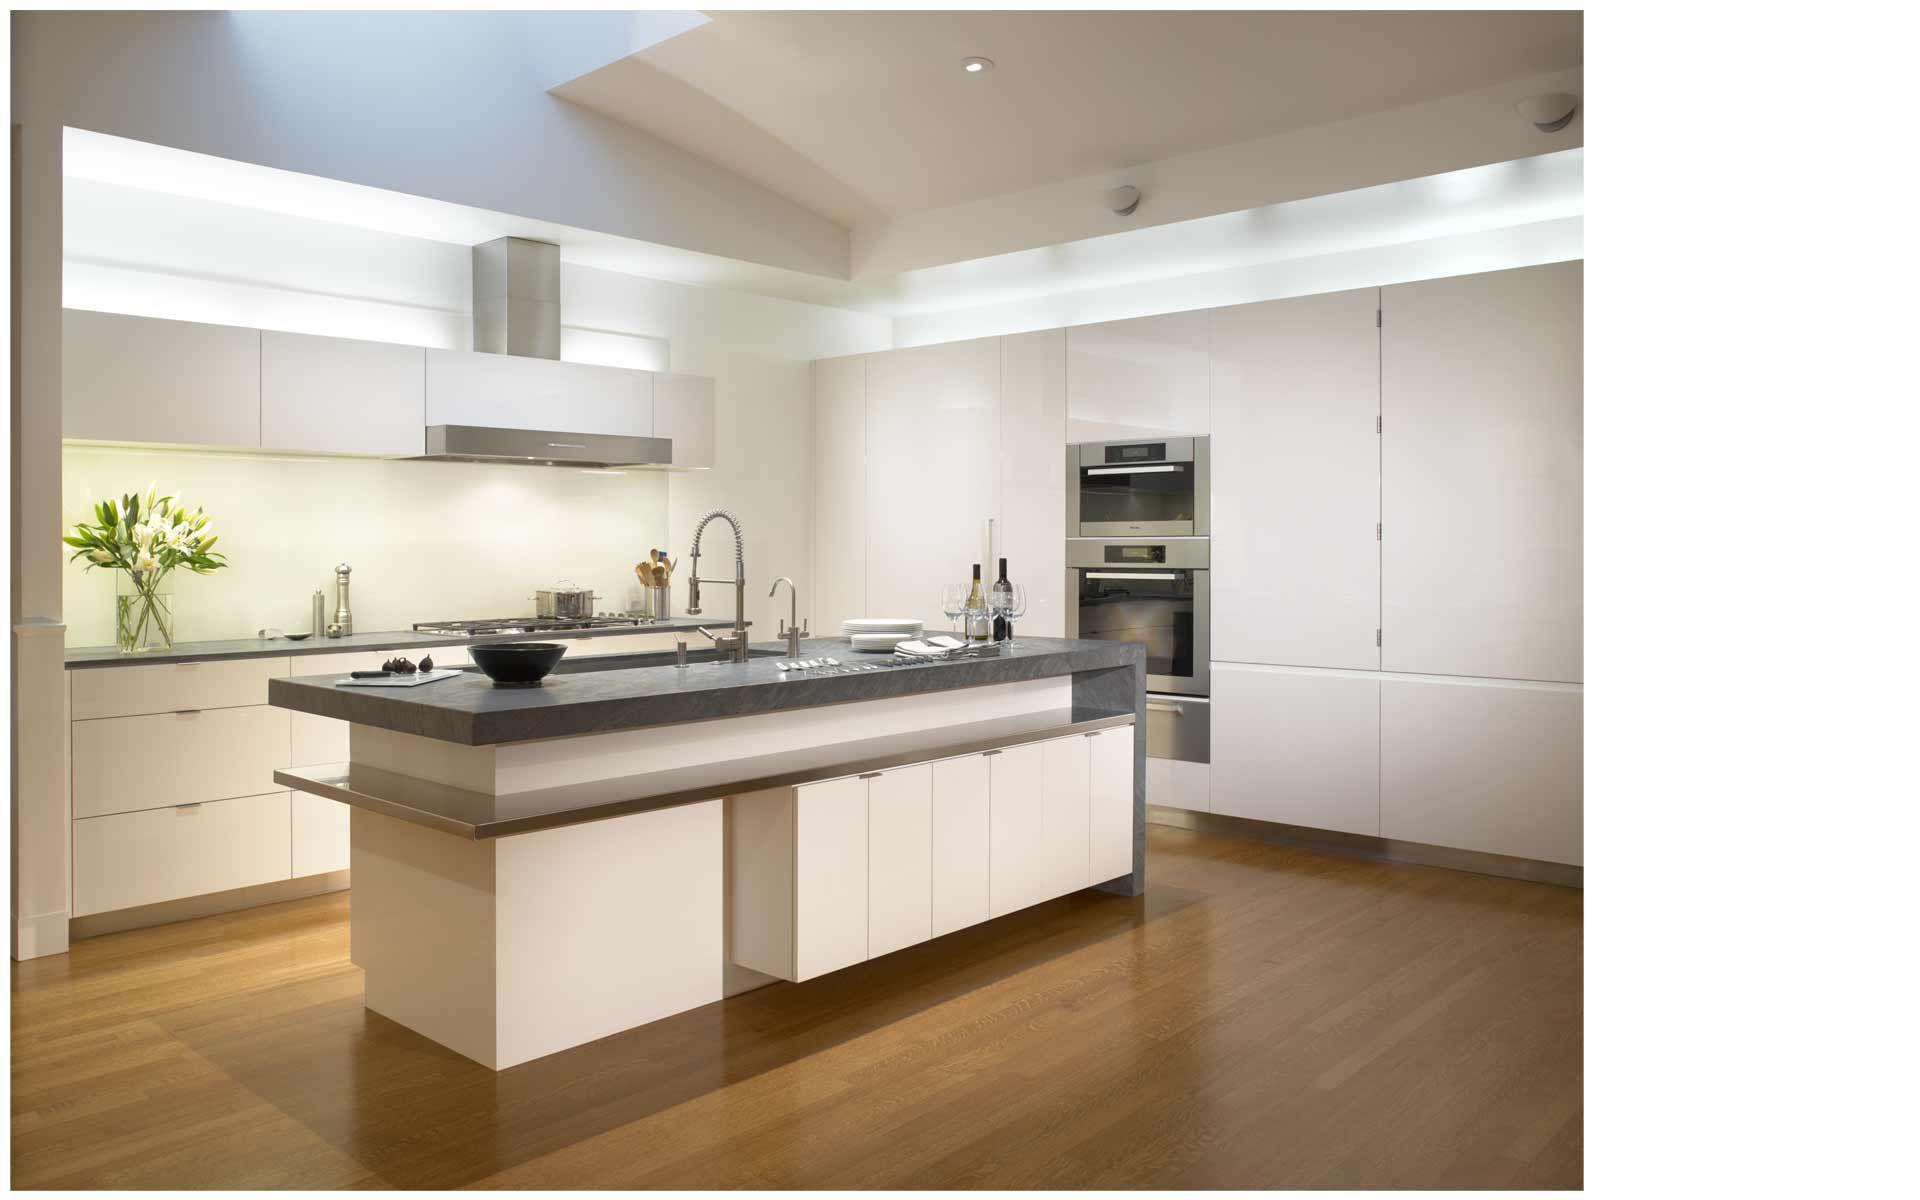 Kitchen Luxury Modern Safe Modern Kitchen Designs With Steel Brown